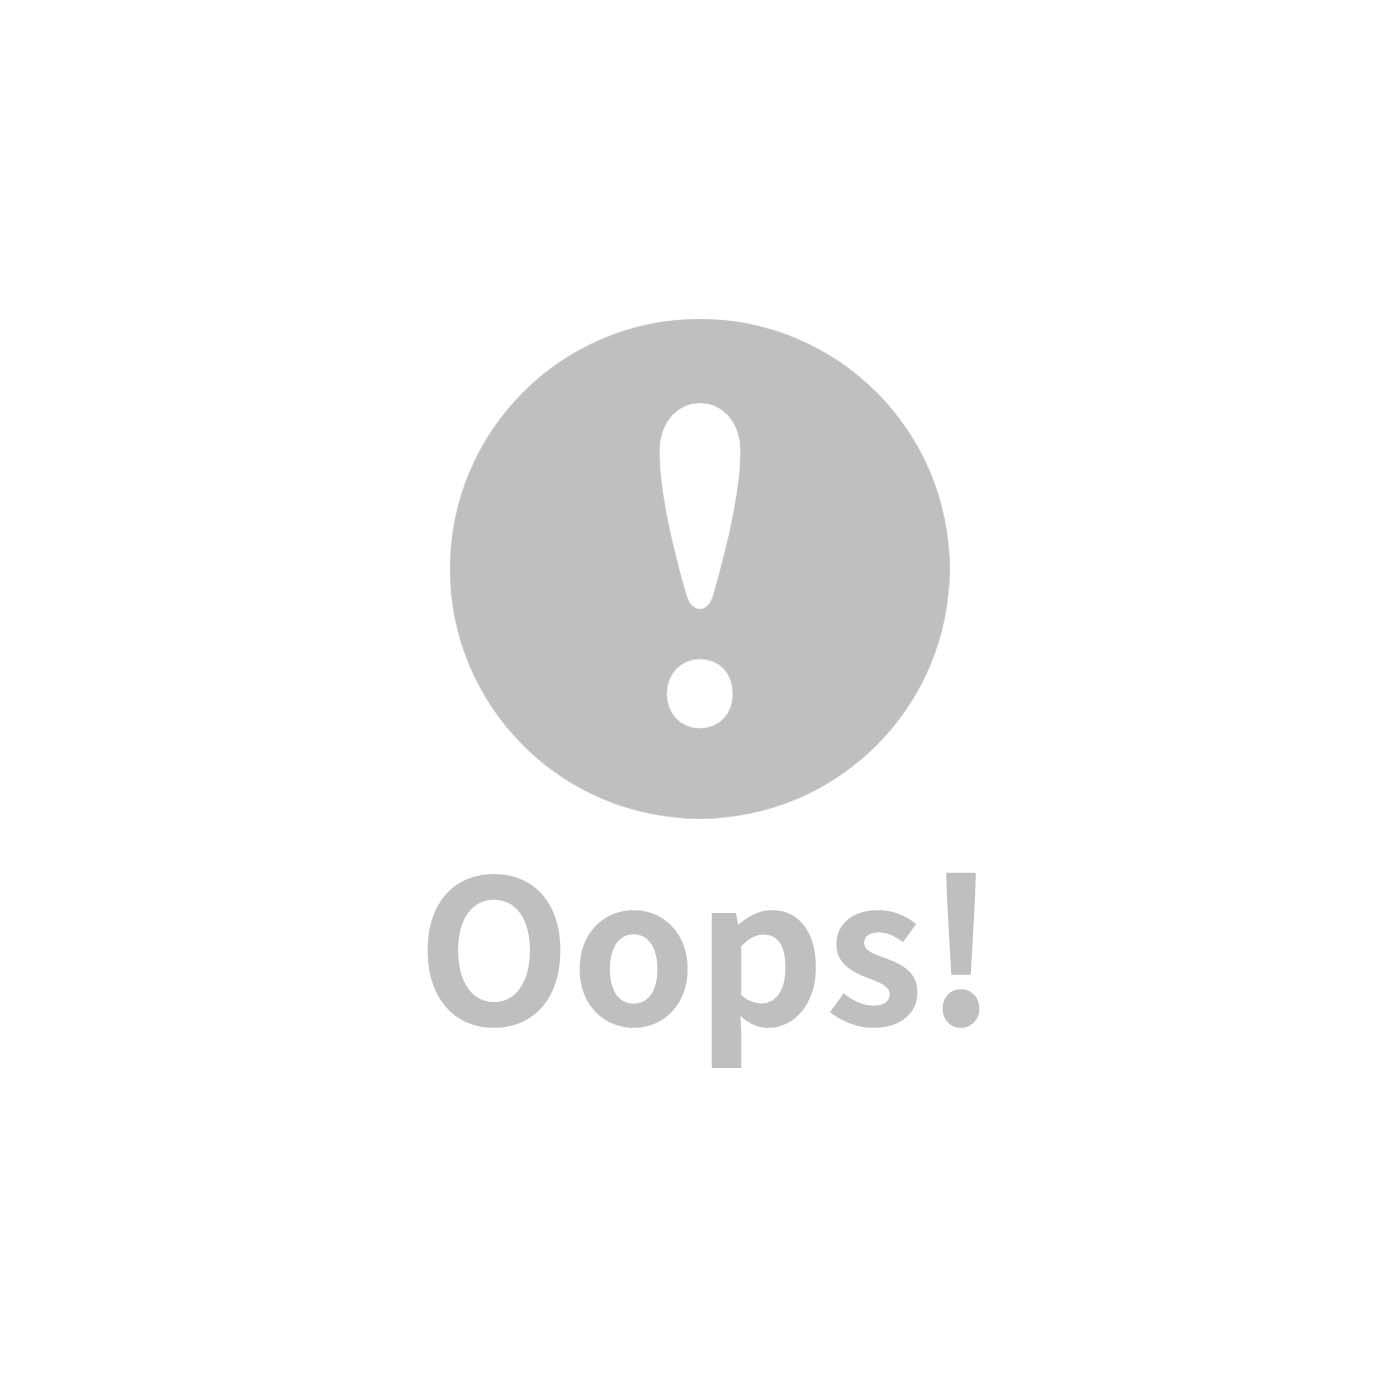 global affairs 童話手工編織安撫玩偶(36cm)-米洛